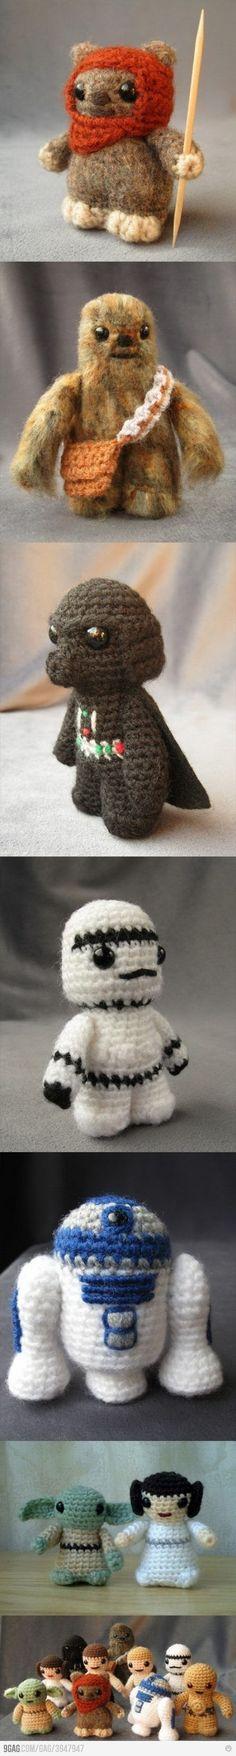 Mother of Cuteness! Mini knit Star Wars figures!